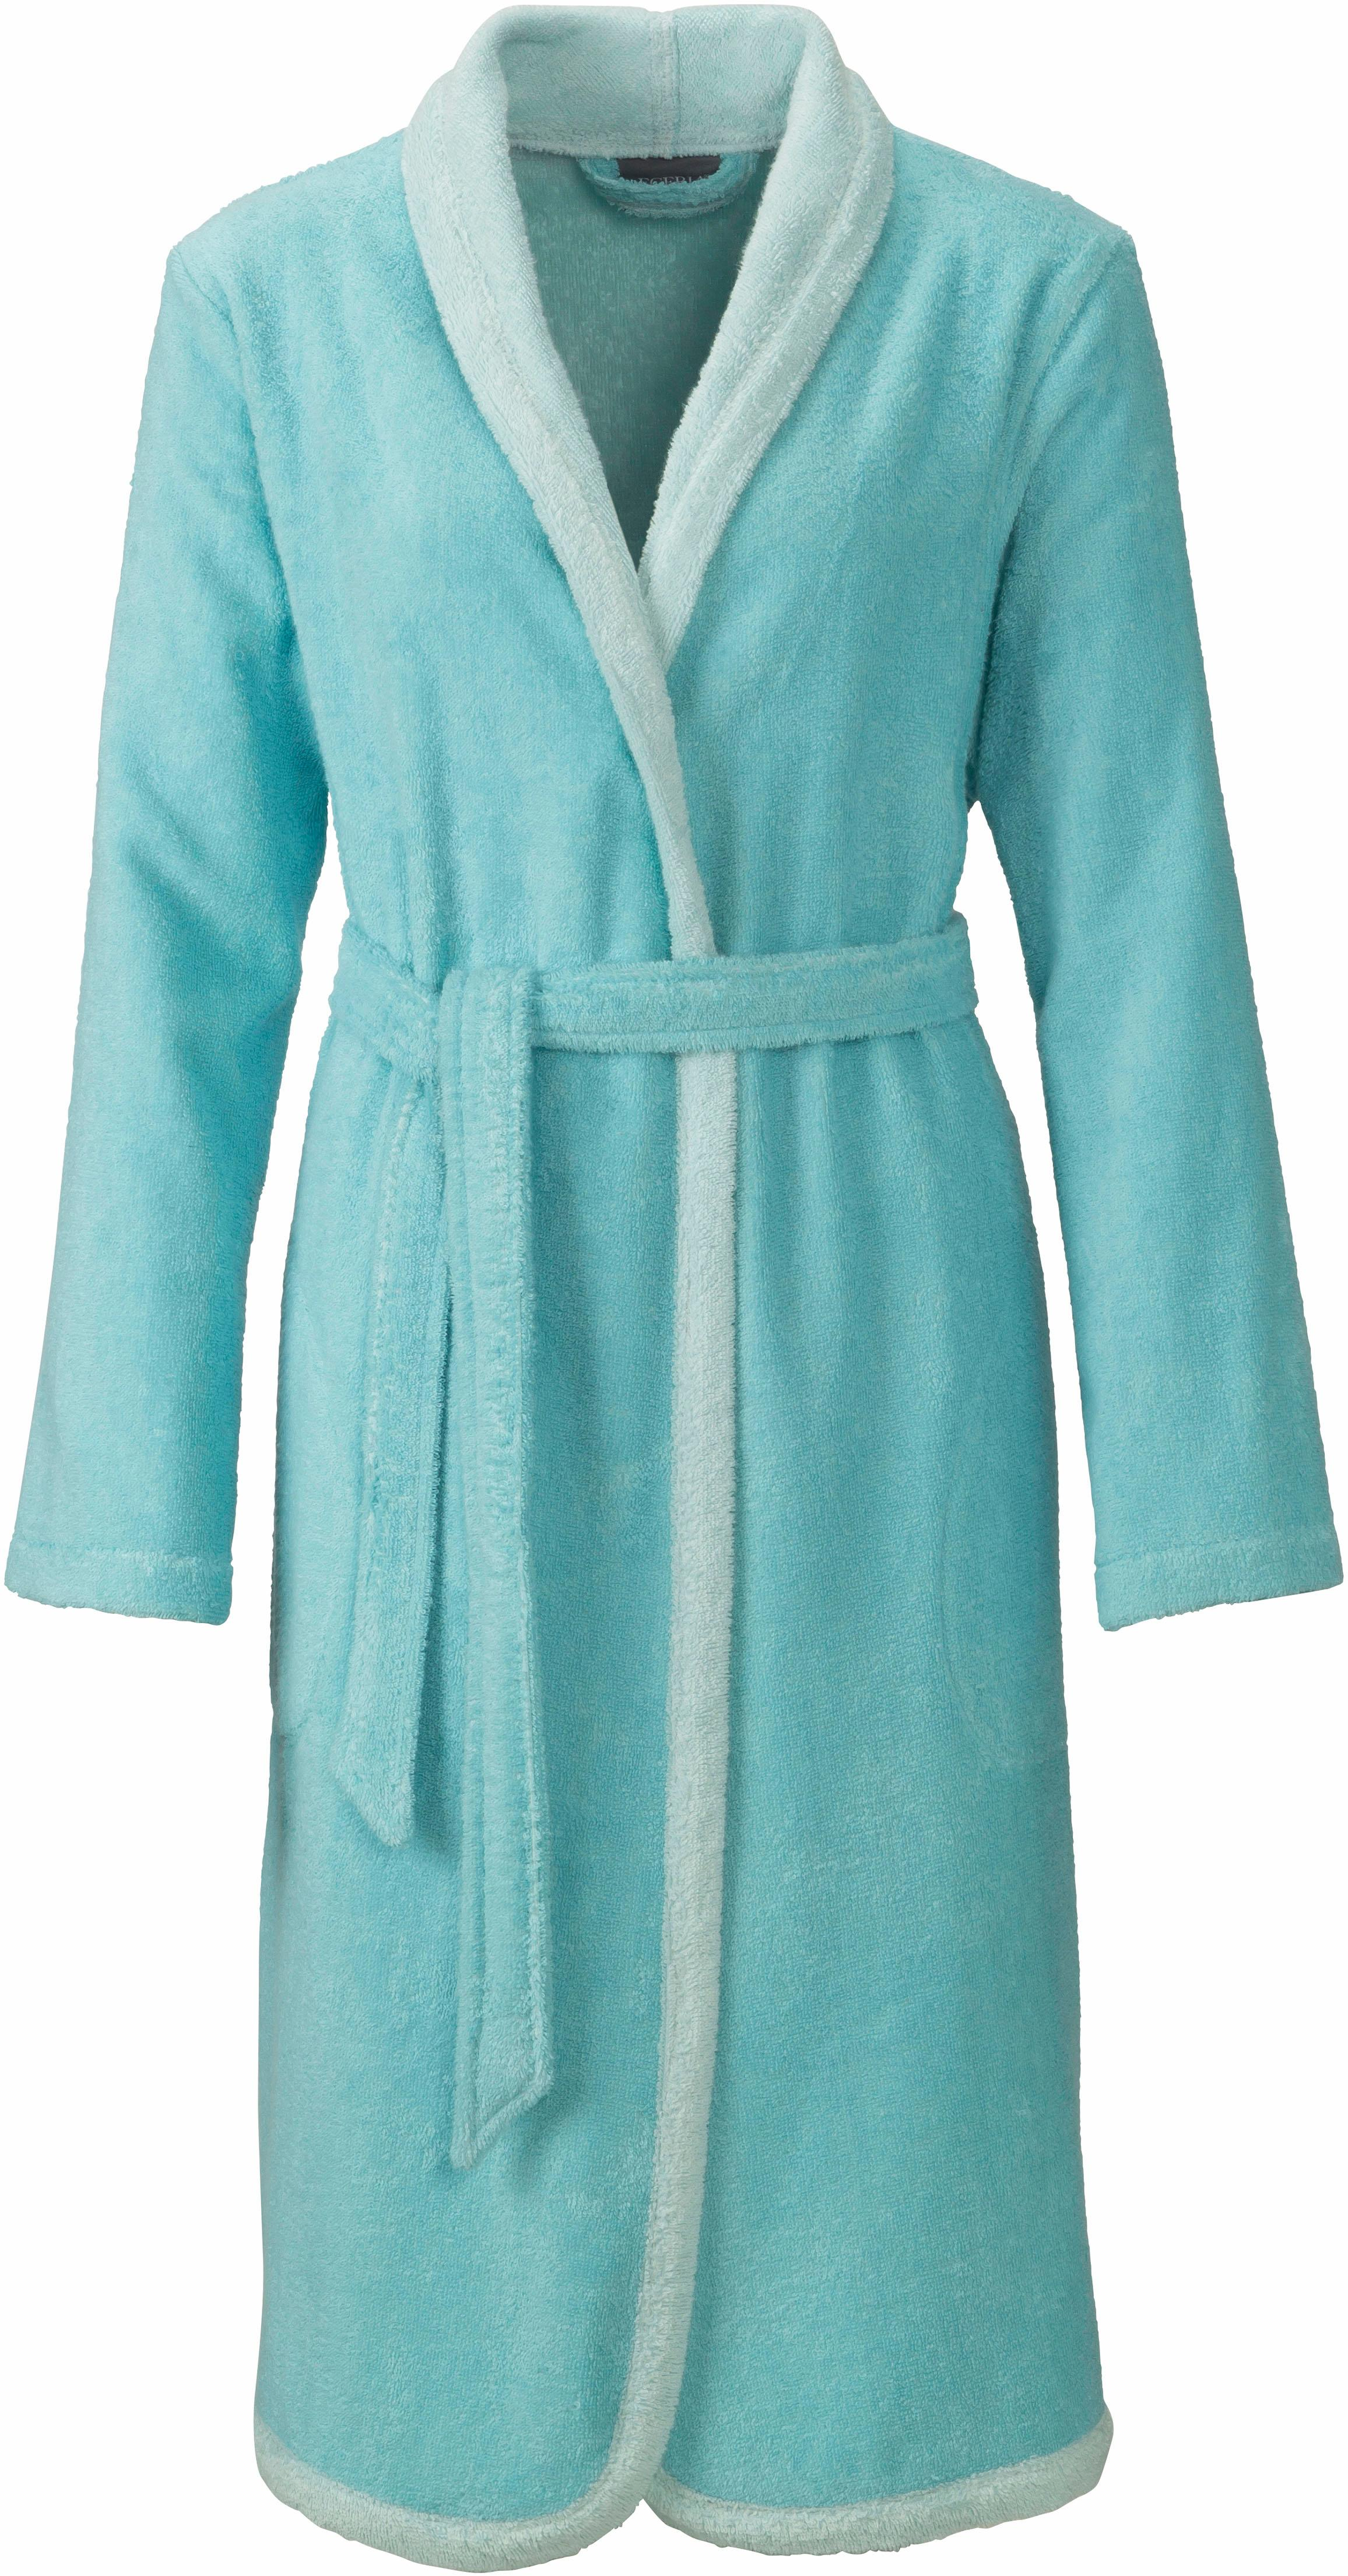 Damenbademantel, Egeria, »Calea«, mit Eingriffstaschen | Bekleidung > Bademode > Bademäntel | Blau | Baumwolle | EGERIA